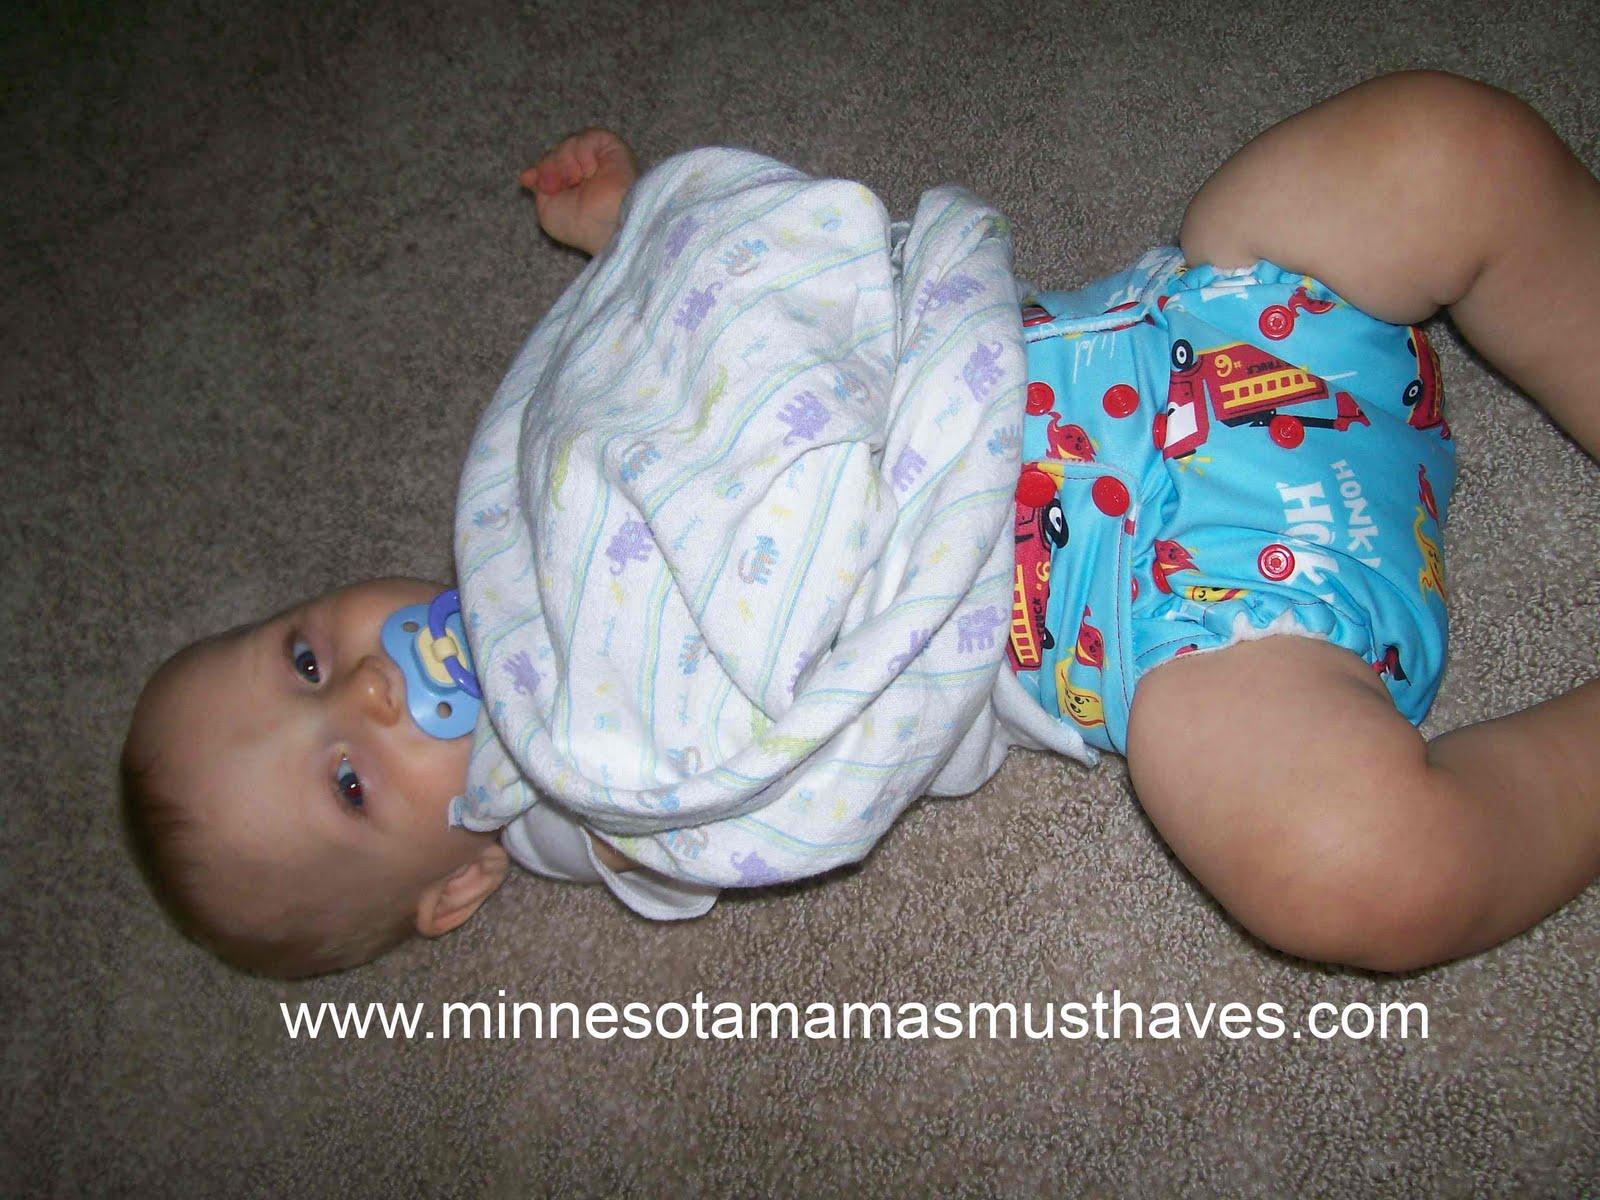 B2b doable diapers rumparooz cloth diaper review